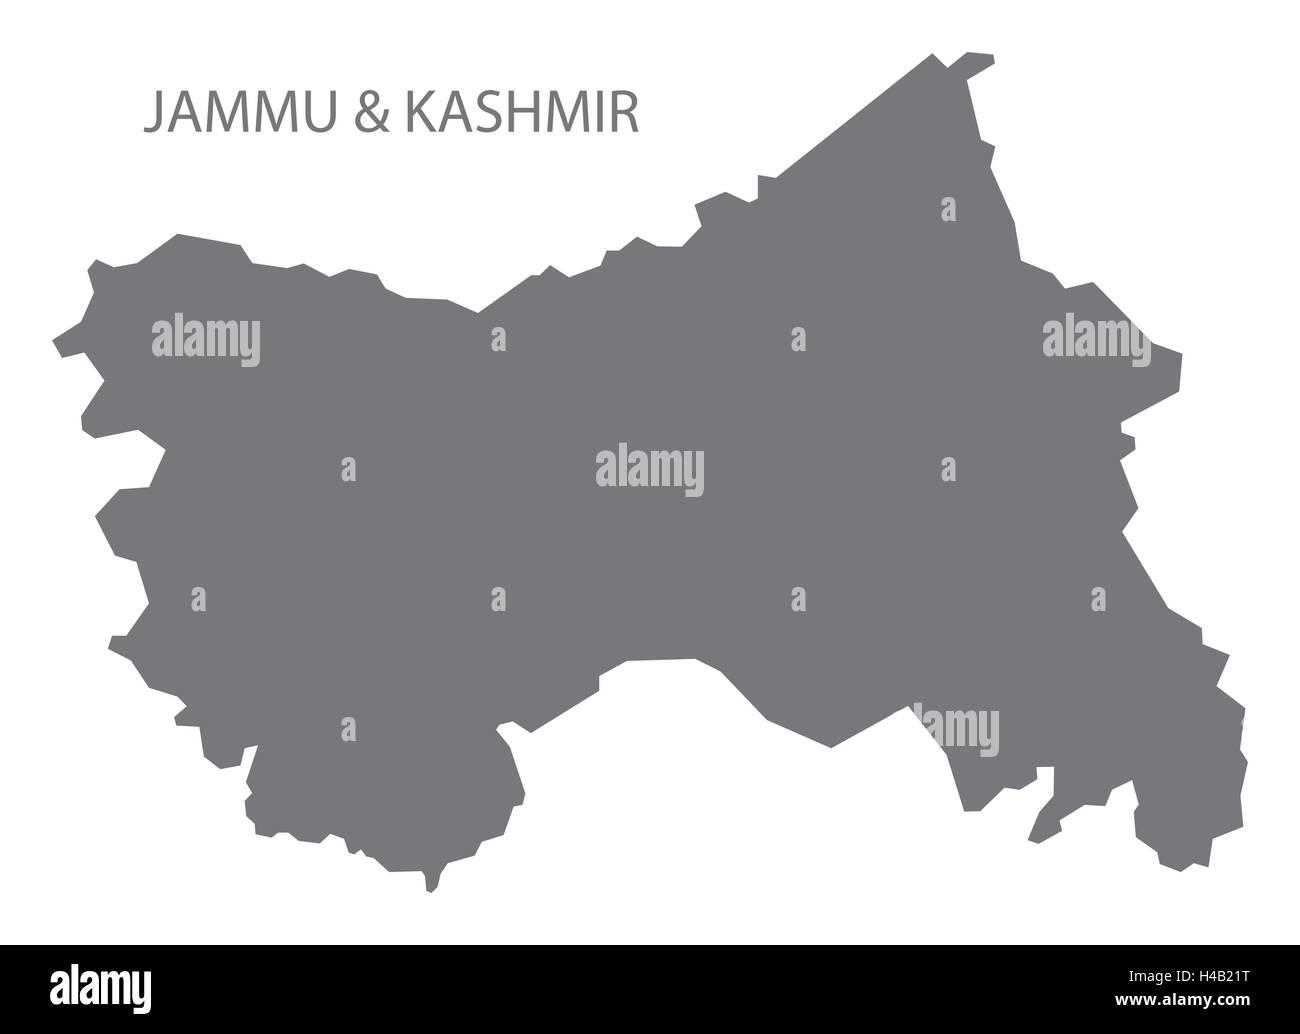 Jammu Kashmir Map Stock Photos & Jammu Kashmir Map Stock Images - Alamy